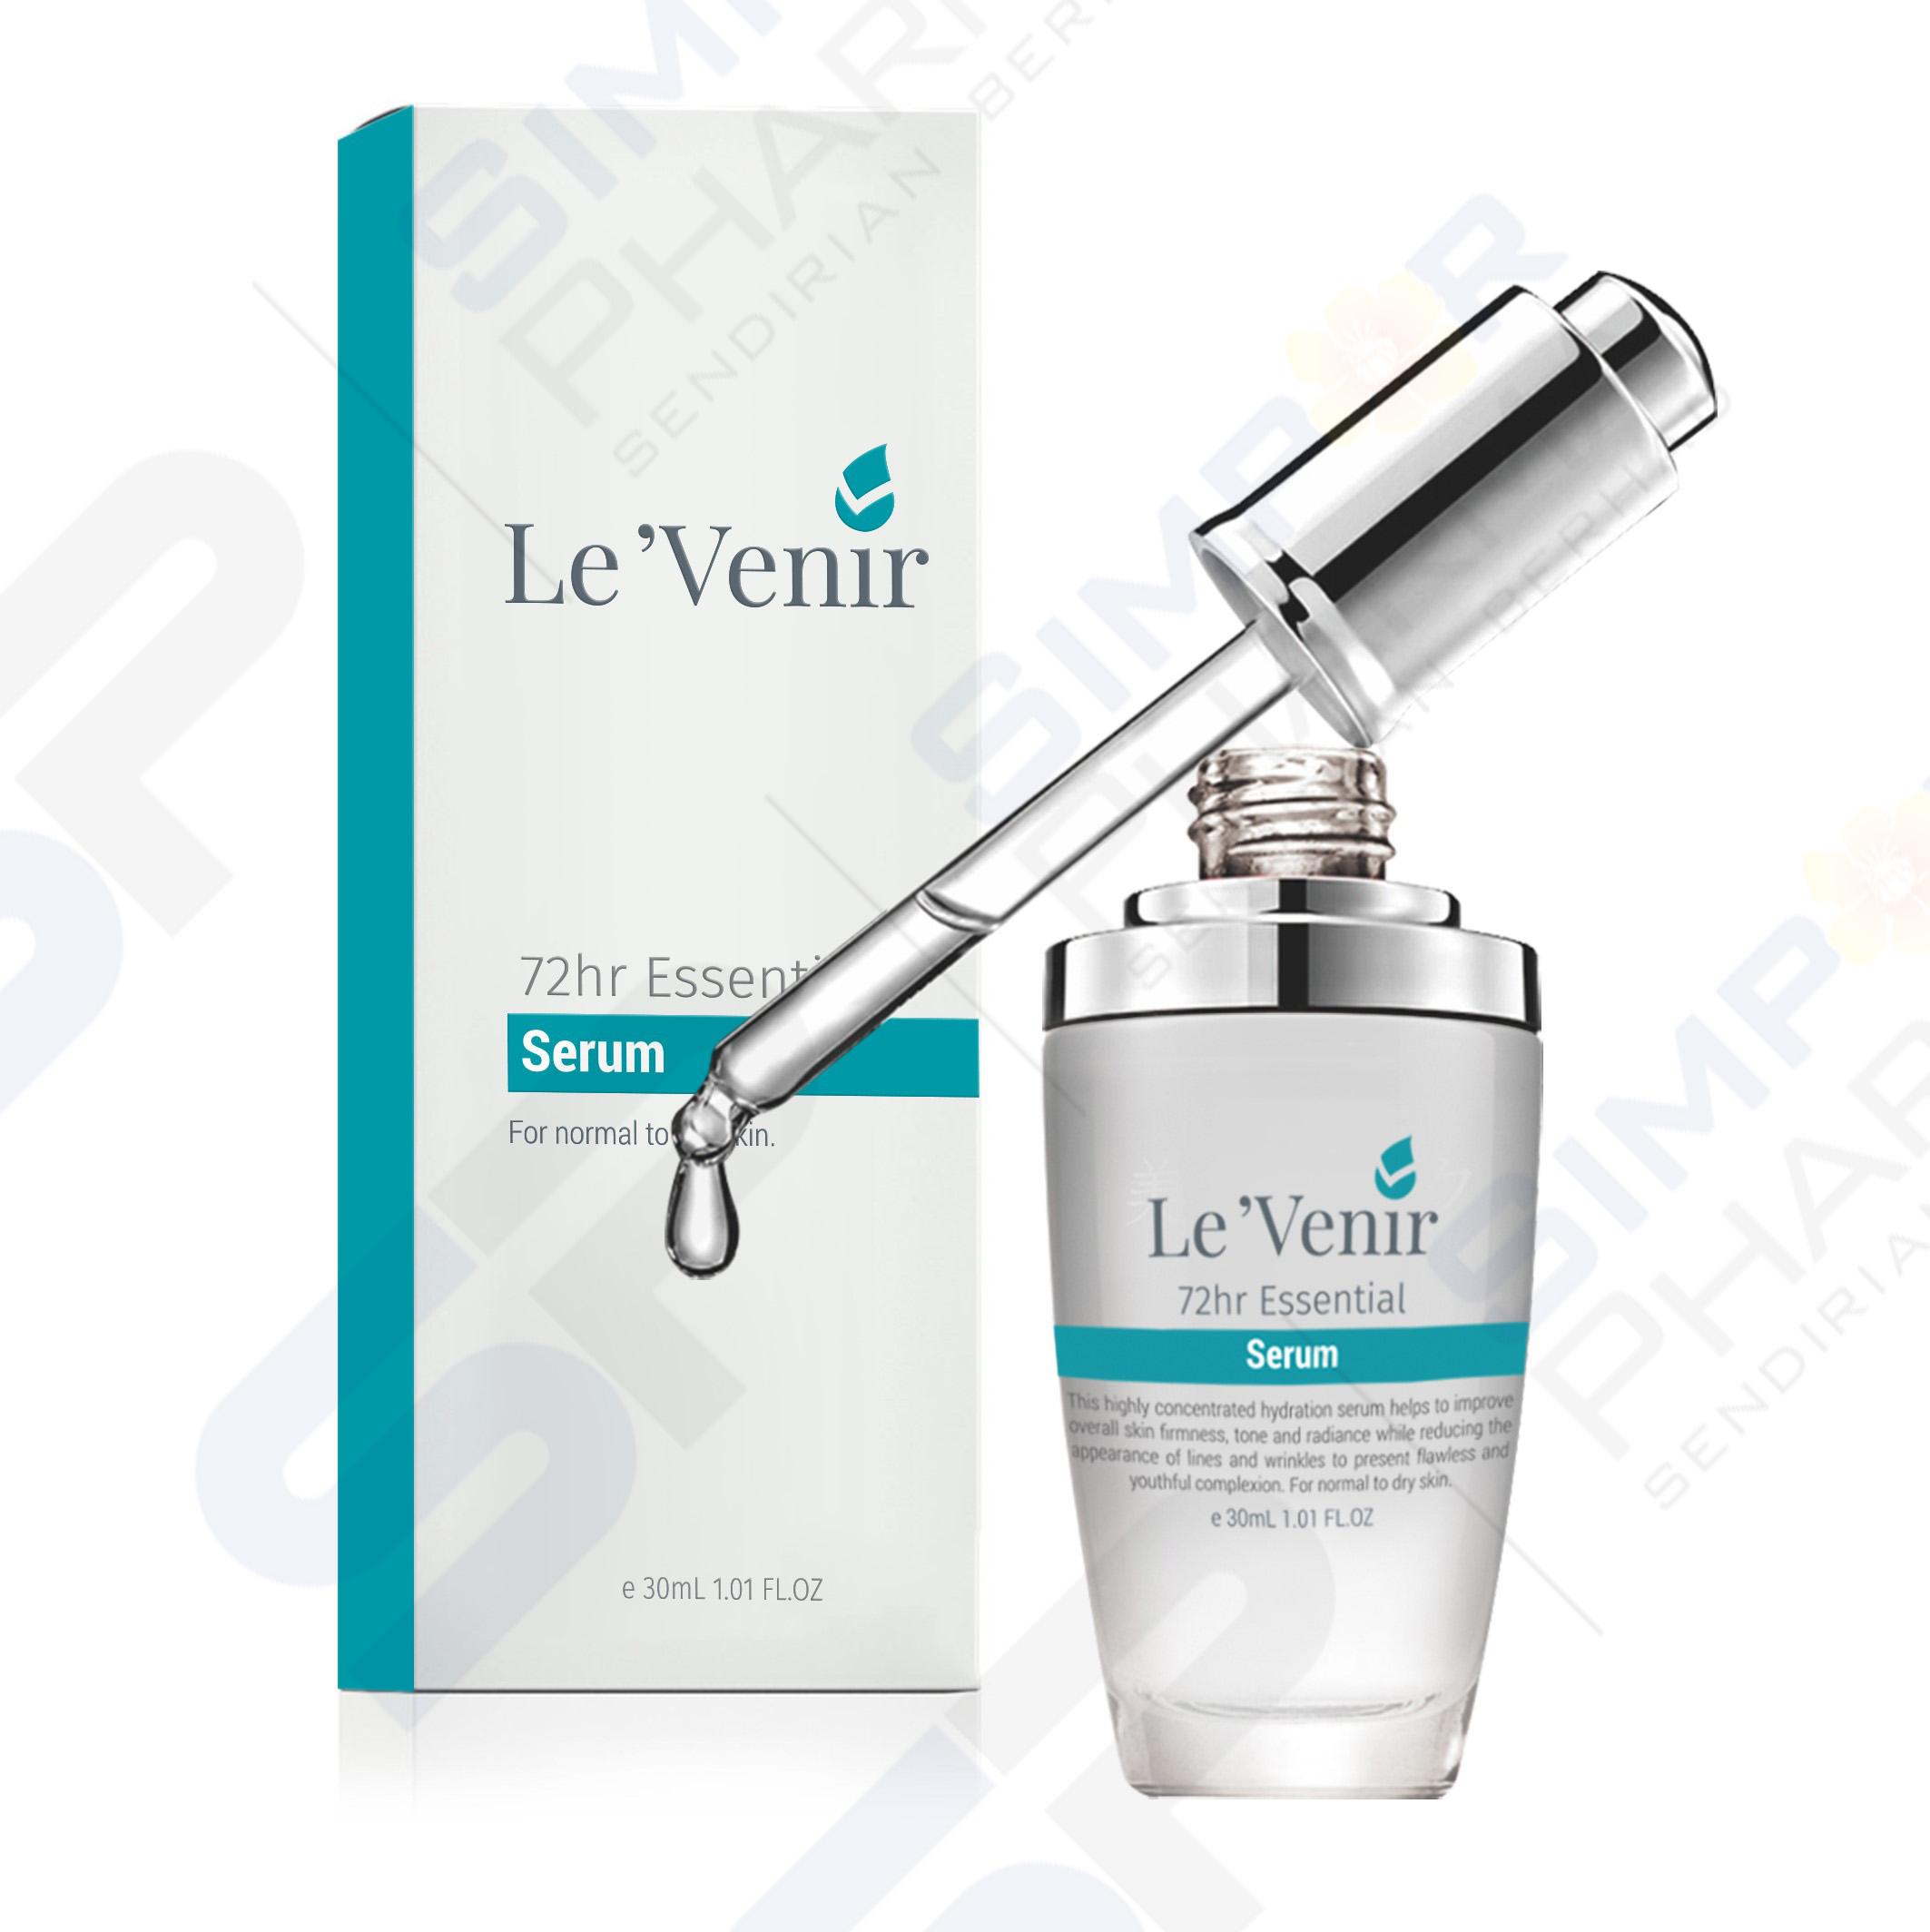 SP LeVenir Serum